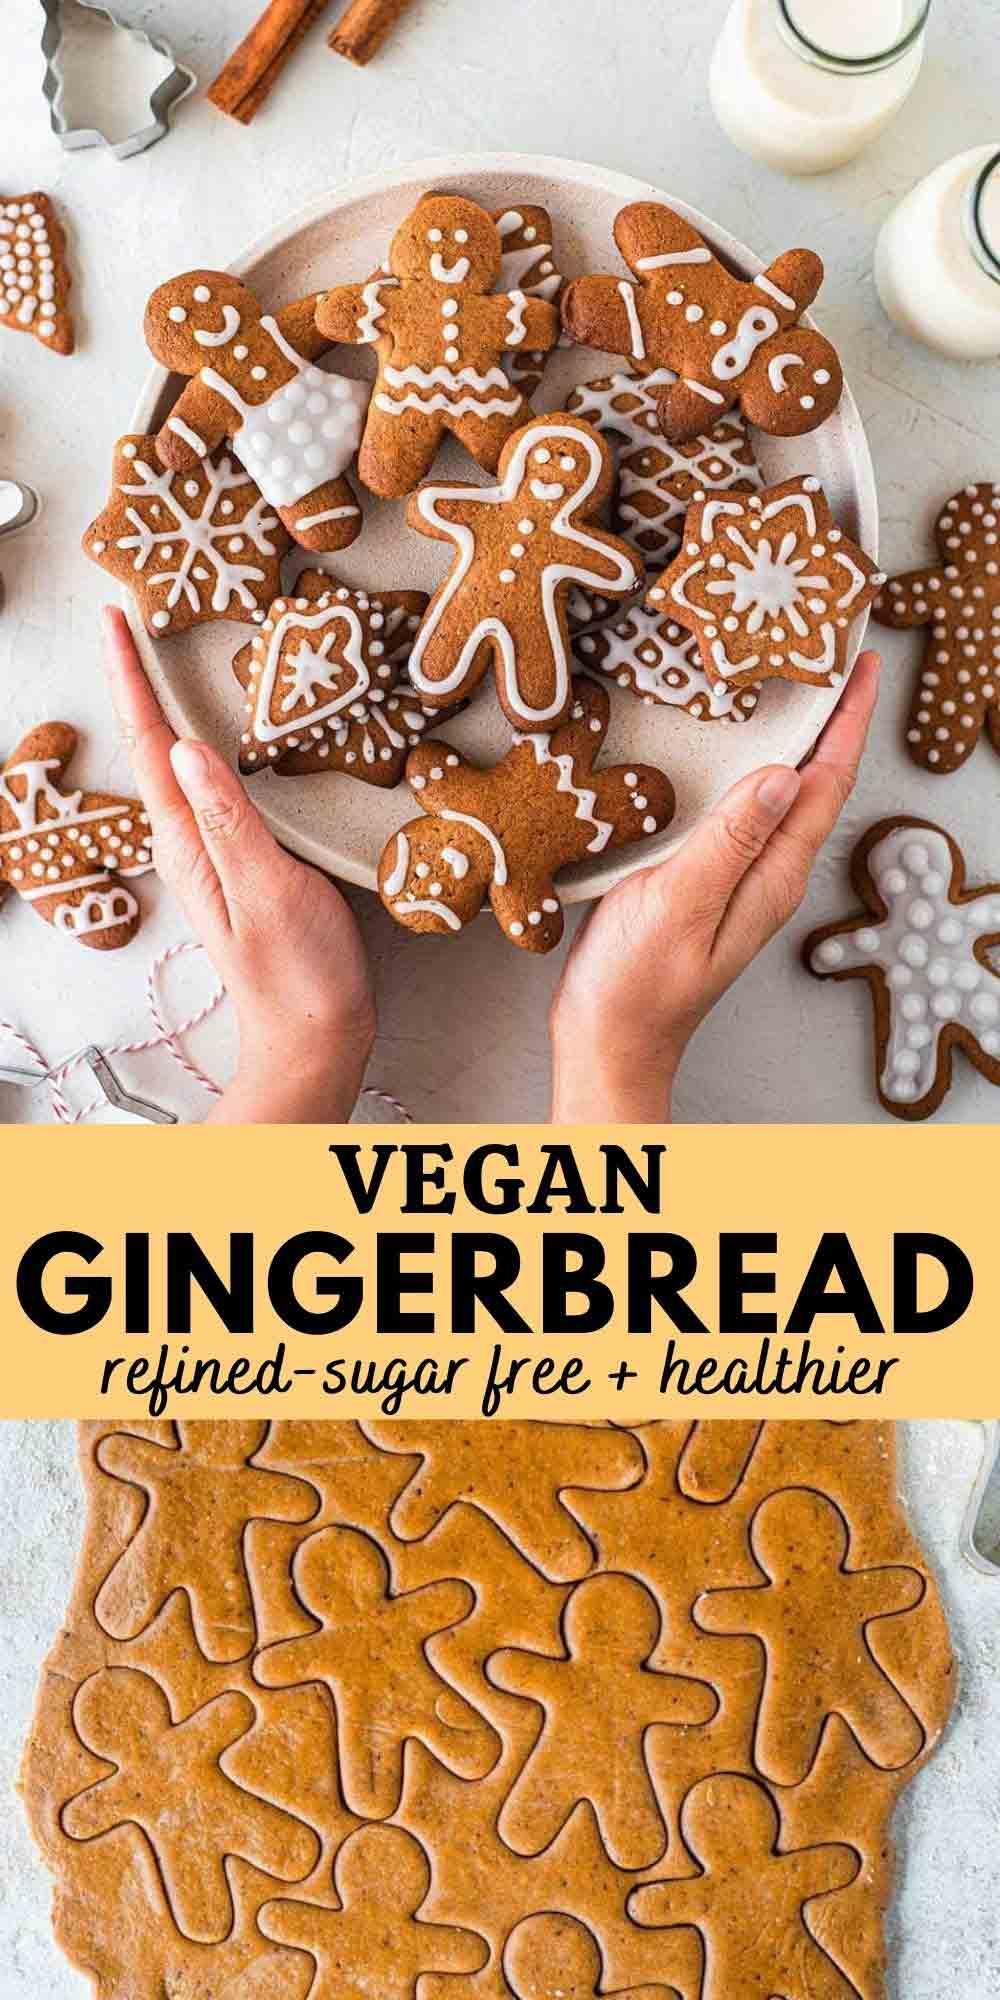 Vegan gingerbread (refined sugar free)